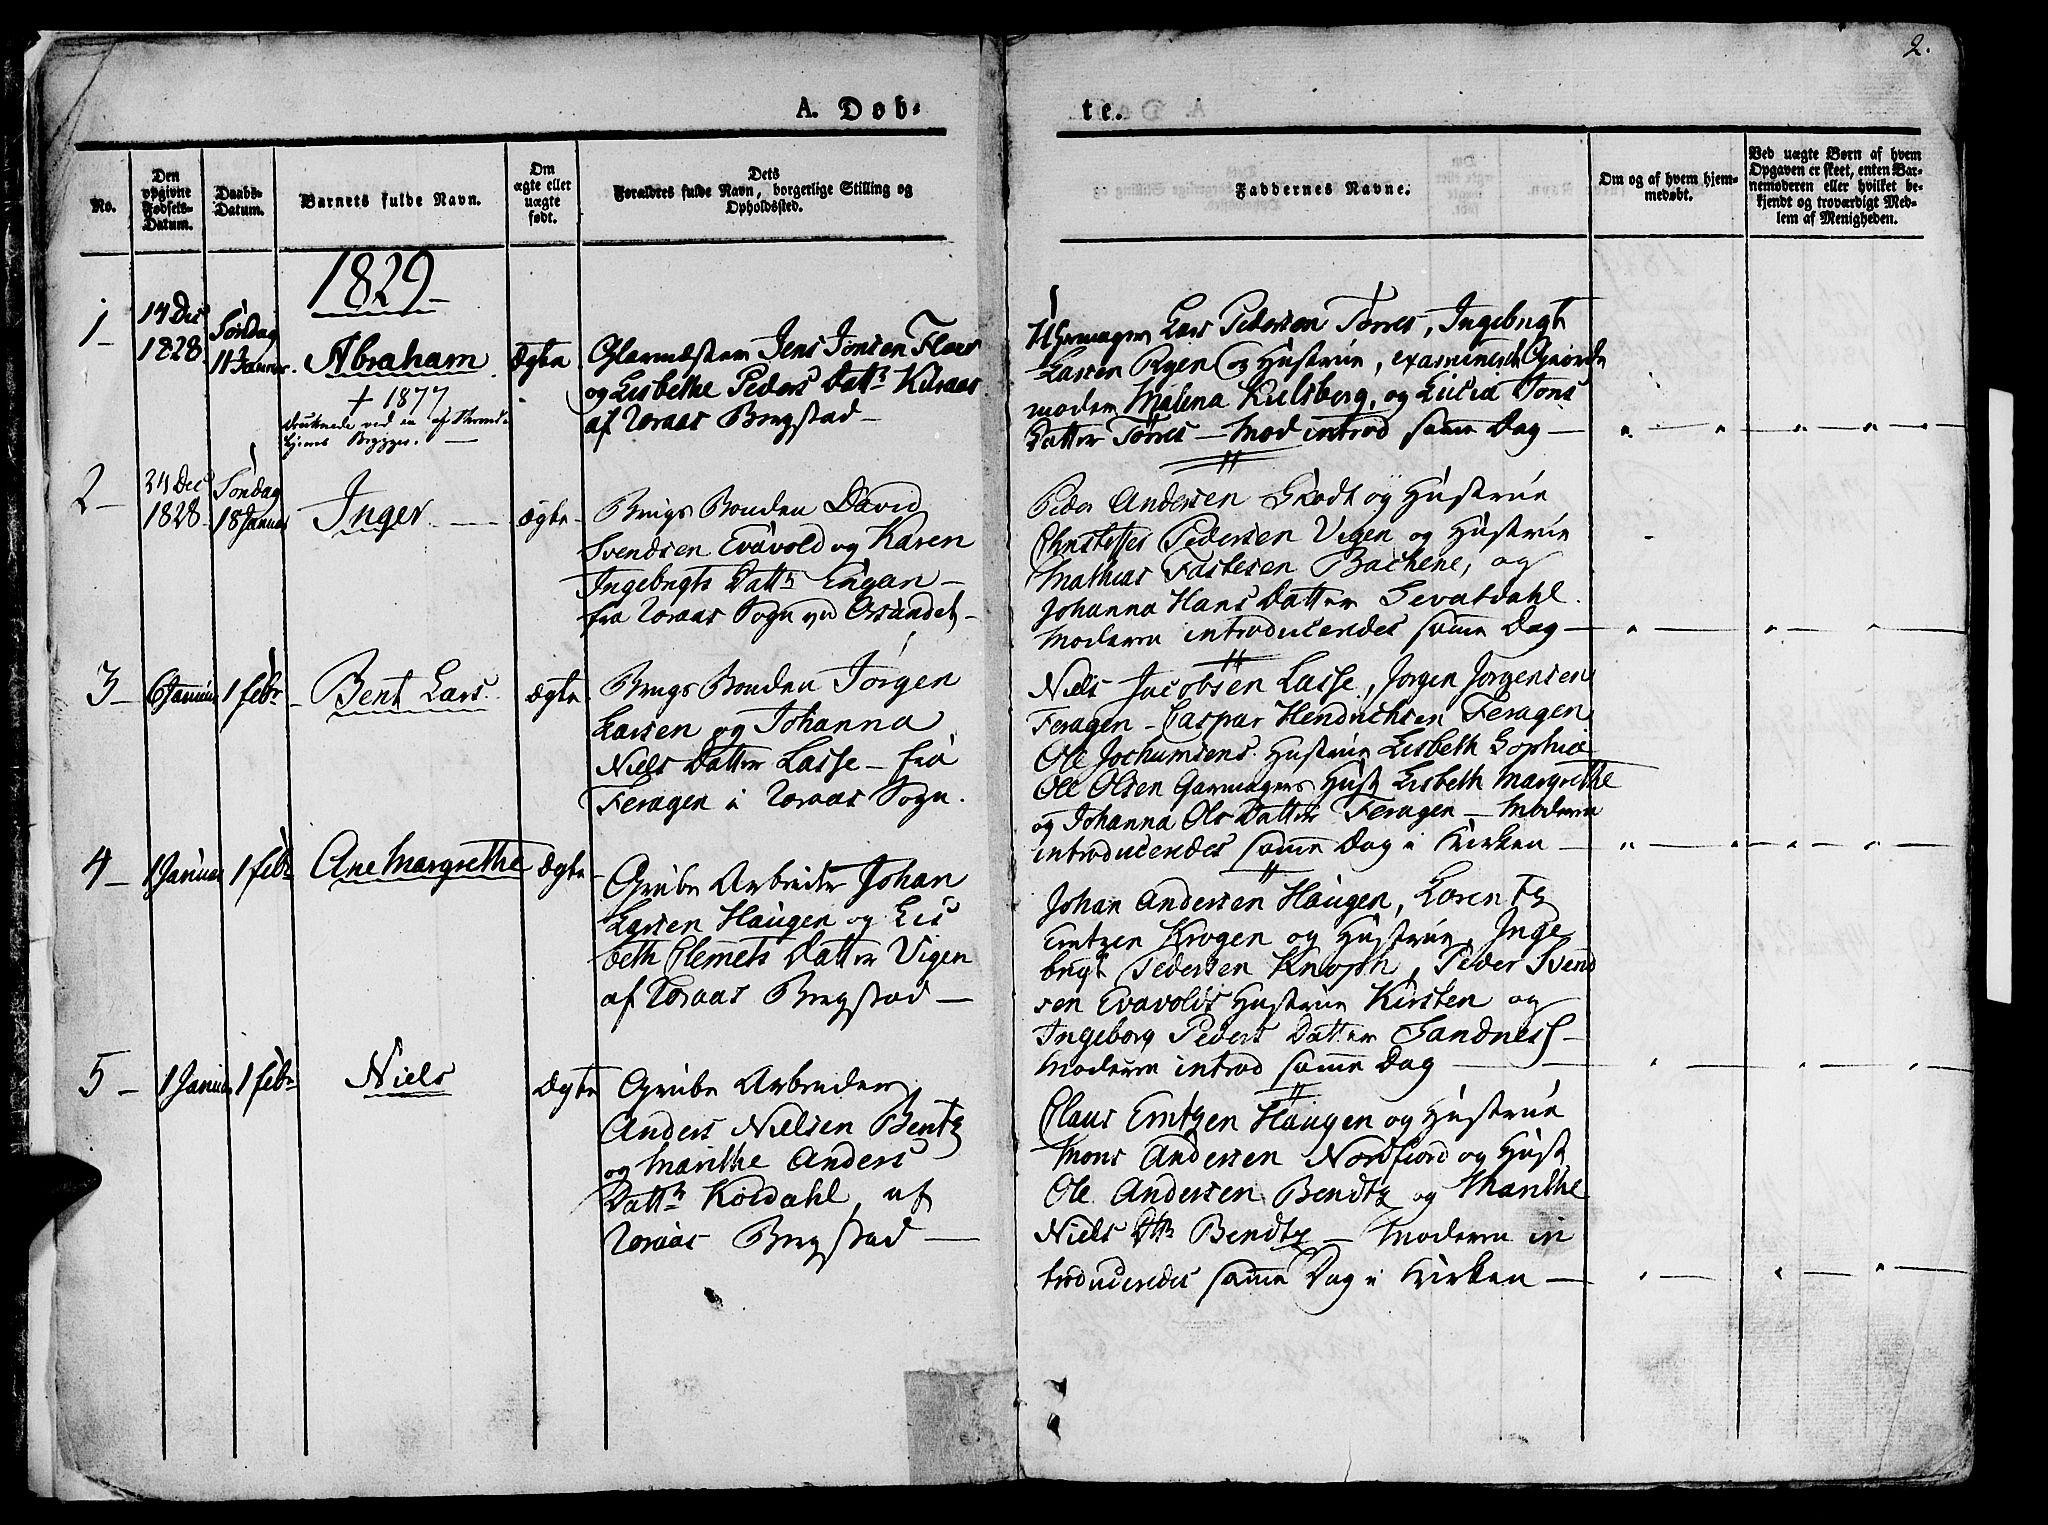 SAT, Ministerialprotokoller, klokkerbøker og fødselsregistre - Sør-Trøndelag, 681/L0930: Ministerialbok nr. 681A08, 1829-1844, s. 2